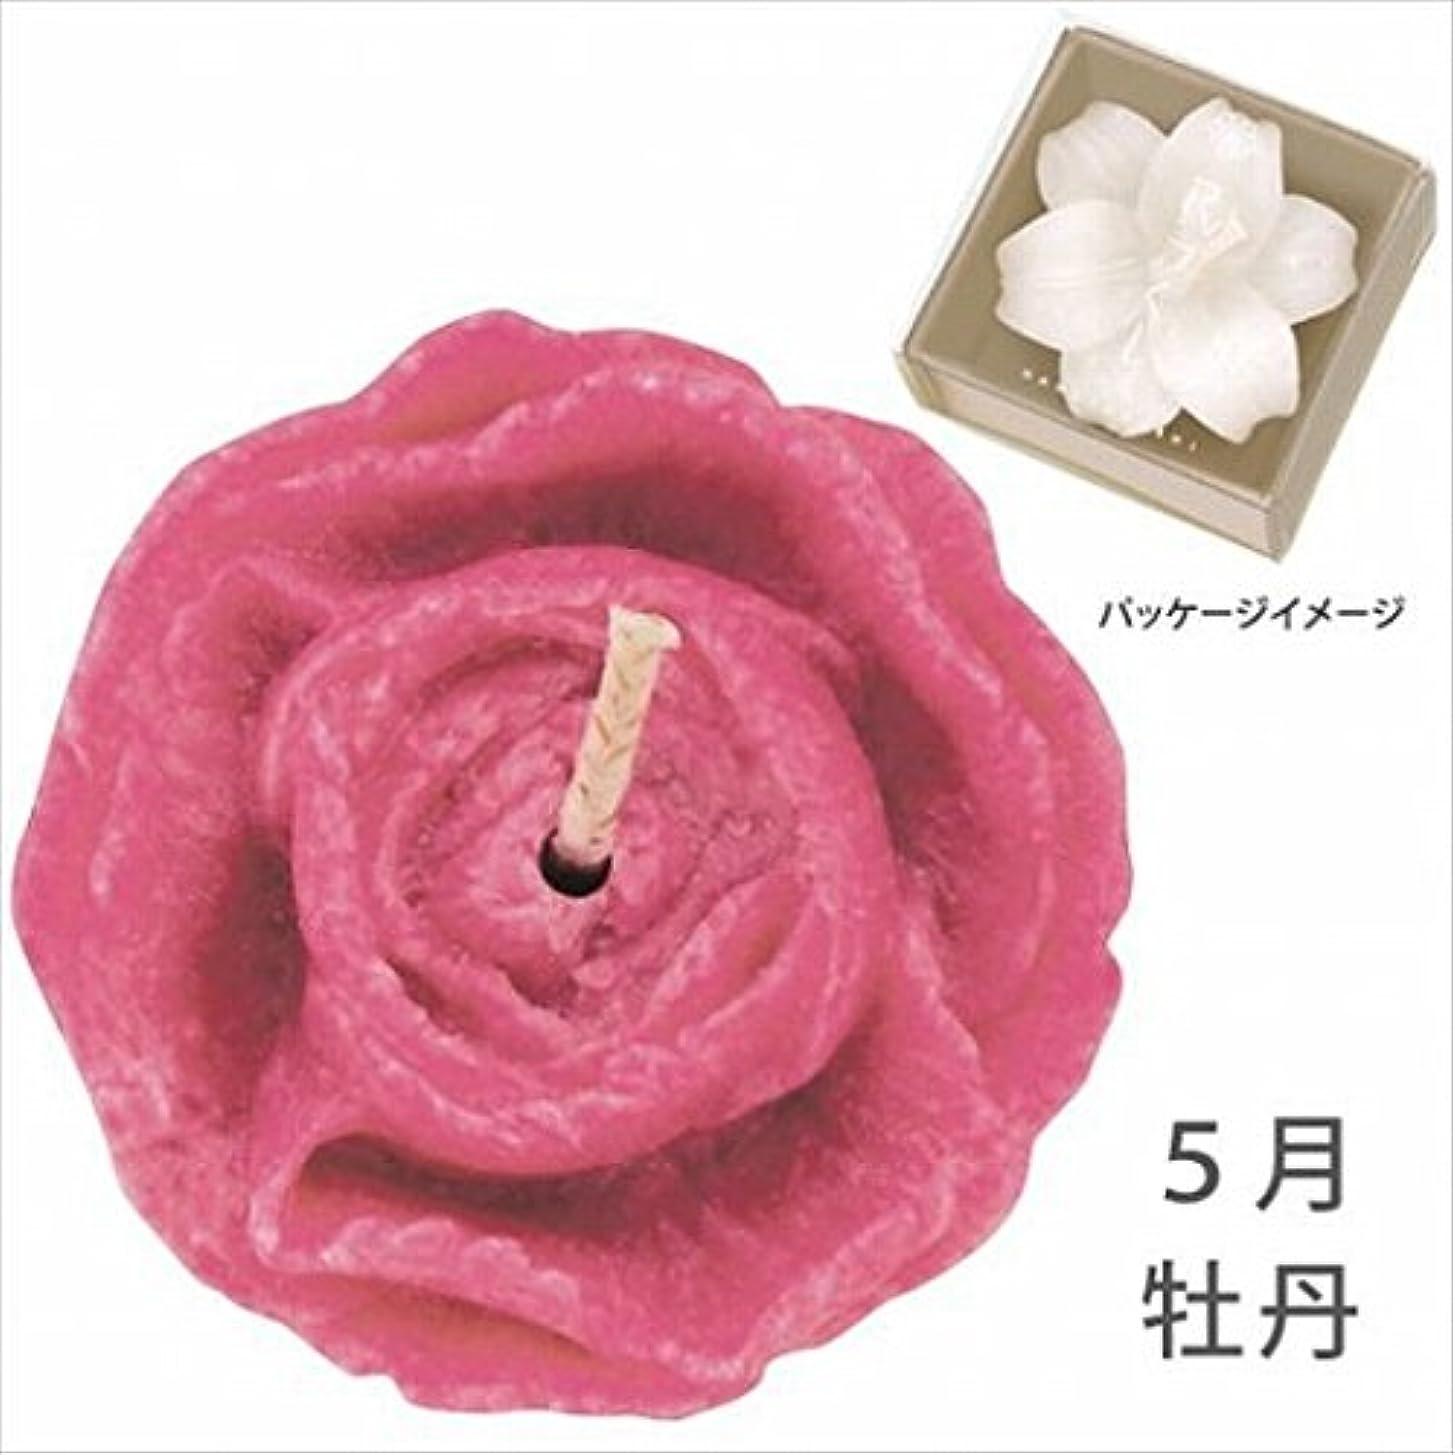 本土規制する長々とカメヤマキャンドル(kameyama candle) 花づくし(植物性) 牡丹 「 牡丹(5月) 」 キャンドル